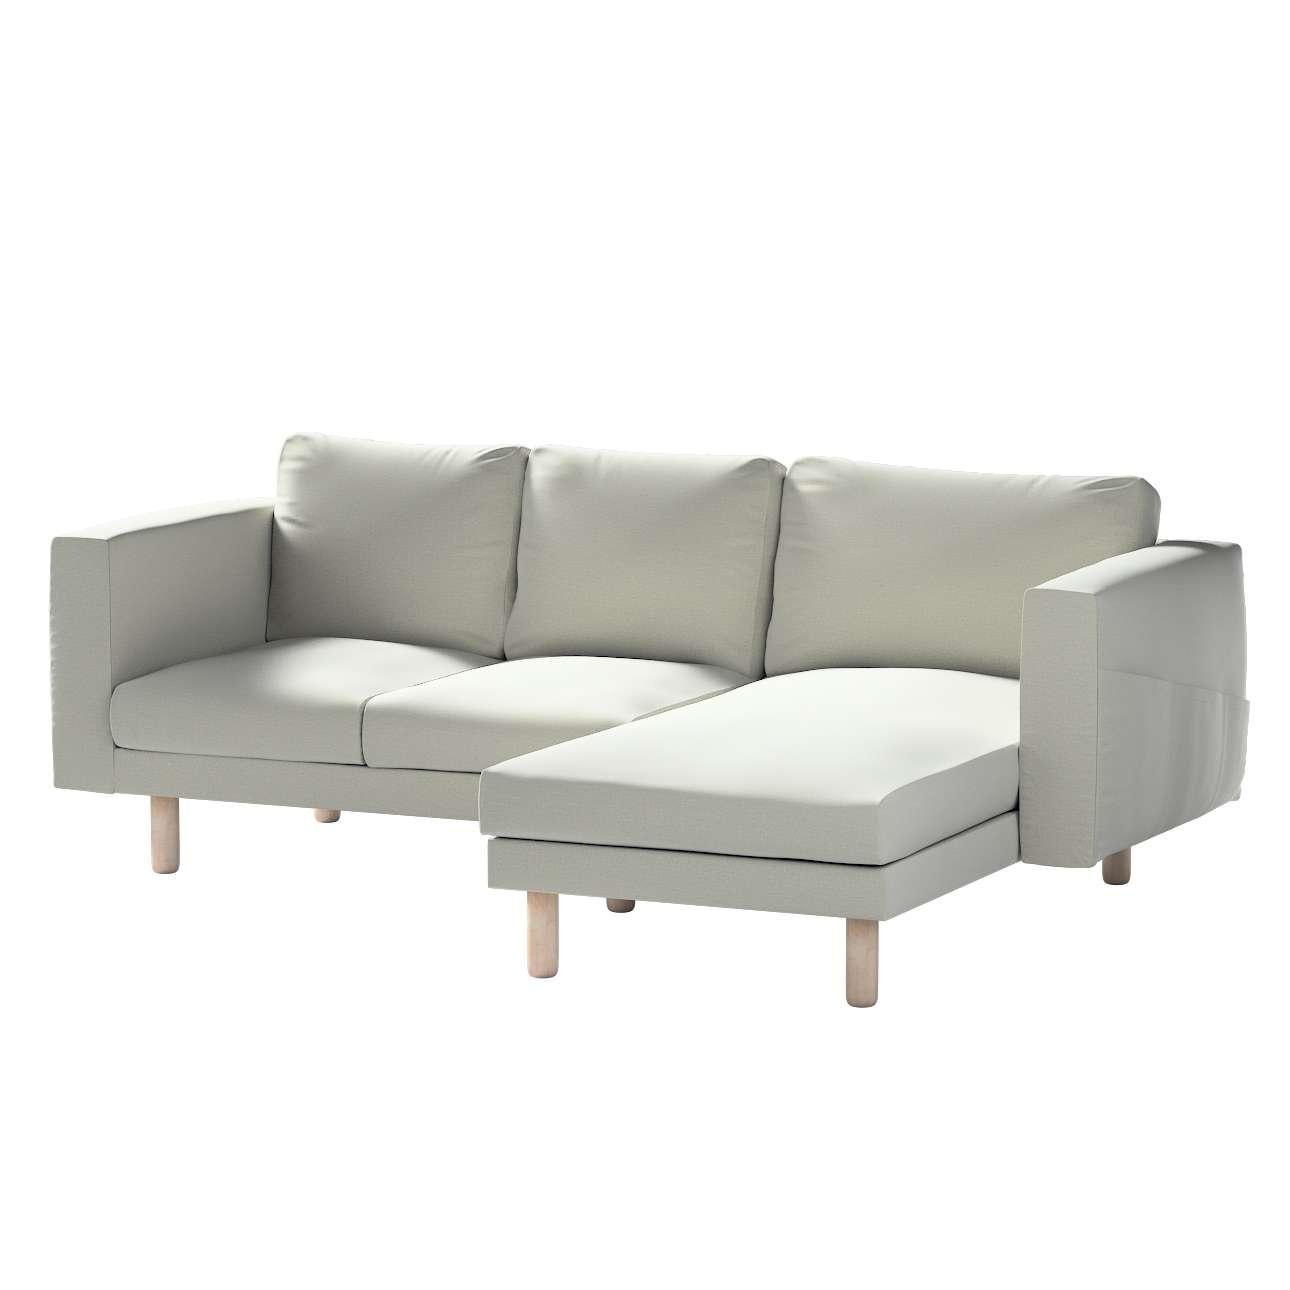 Pokrowiec na sofę Norsborg 3-osobową z szezlongiem w kolekcji Ingrid, tkanina: 705-41